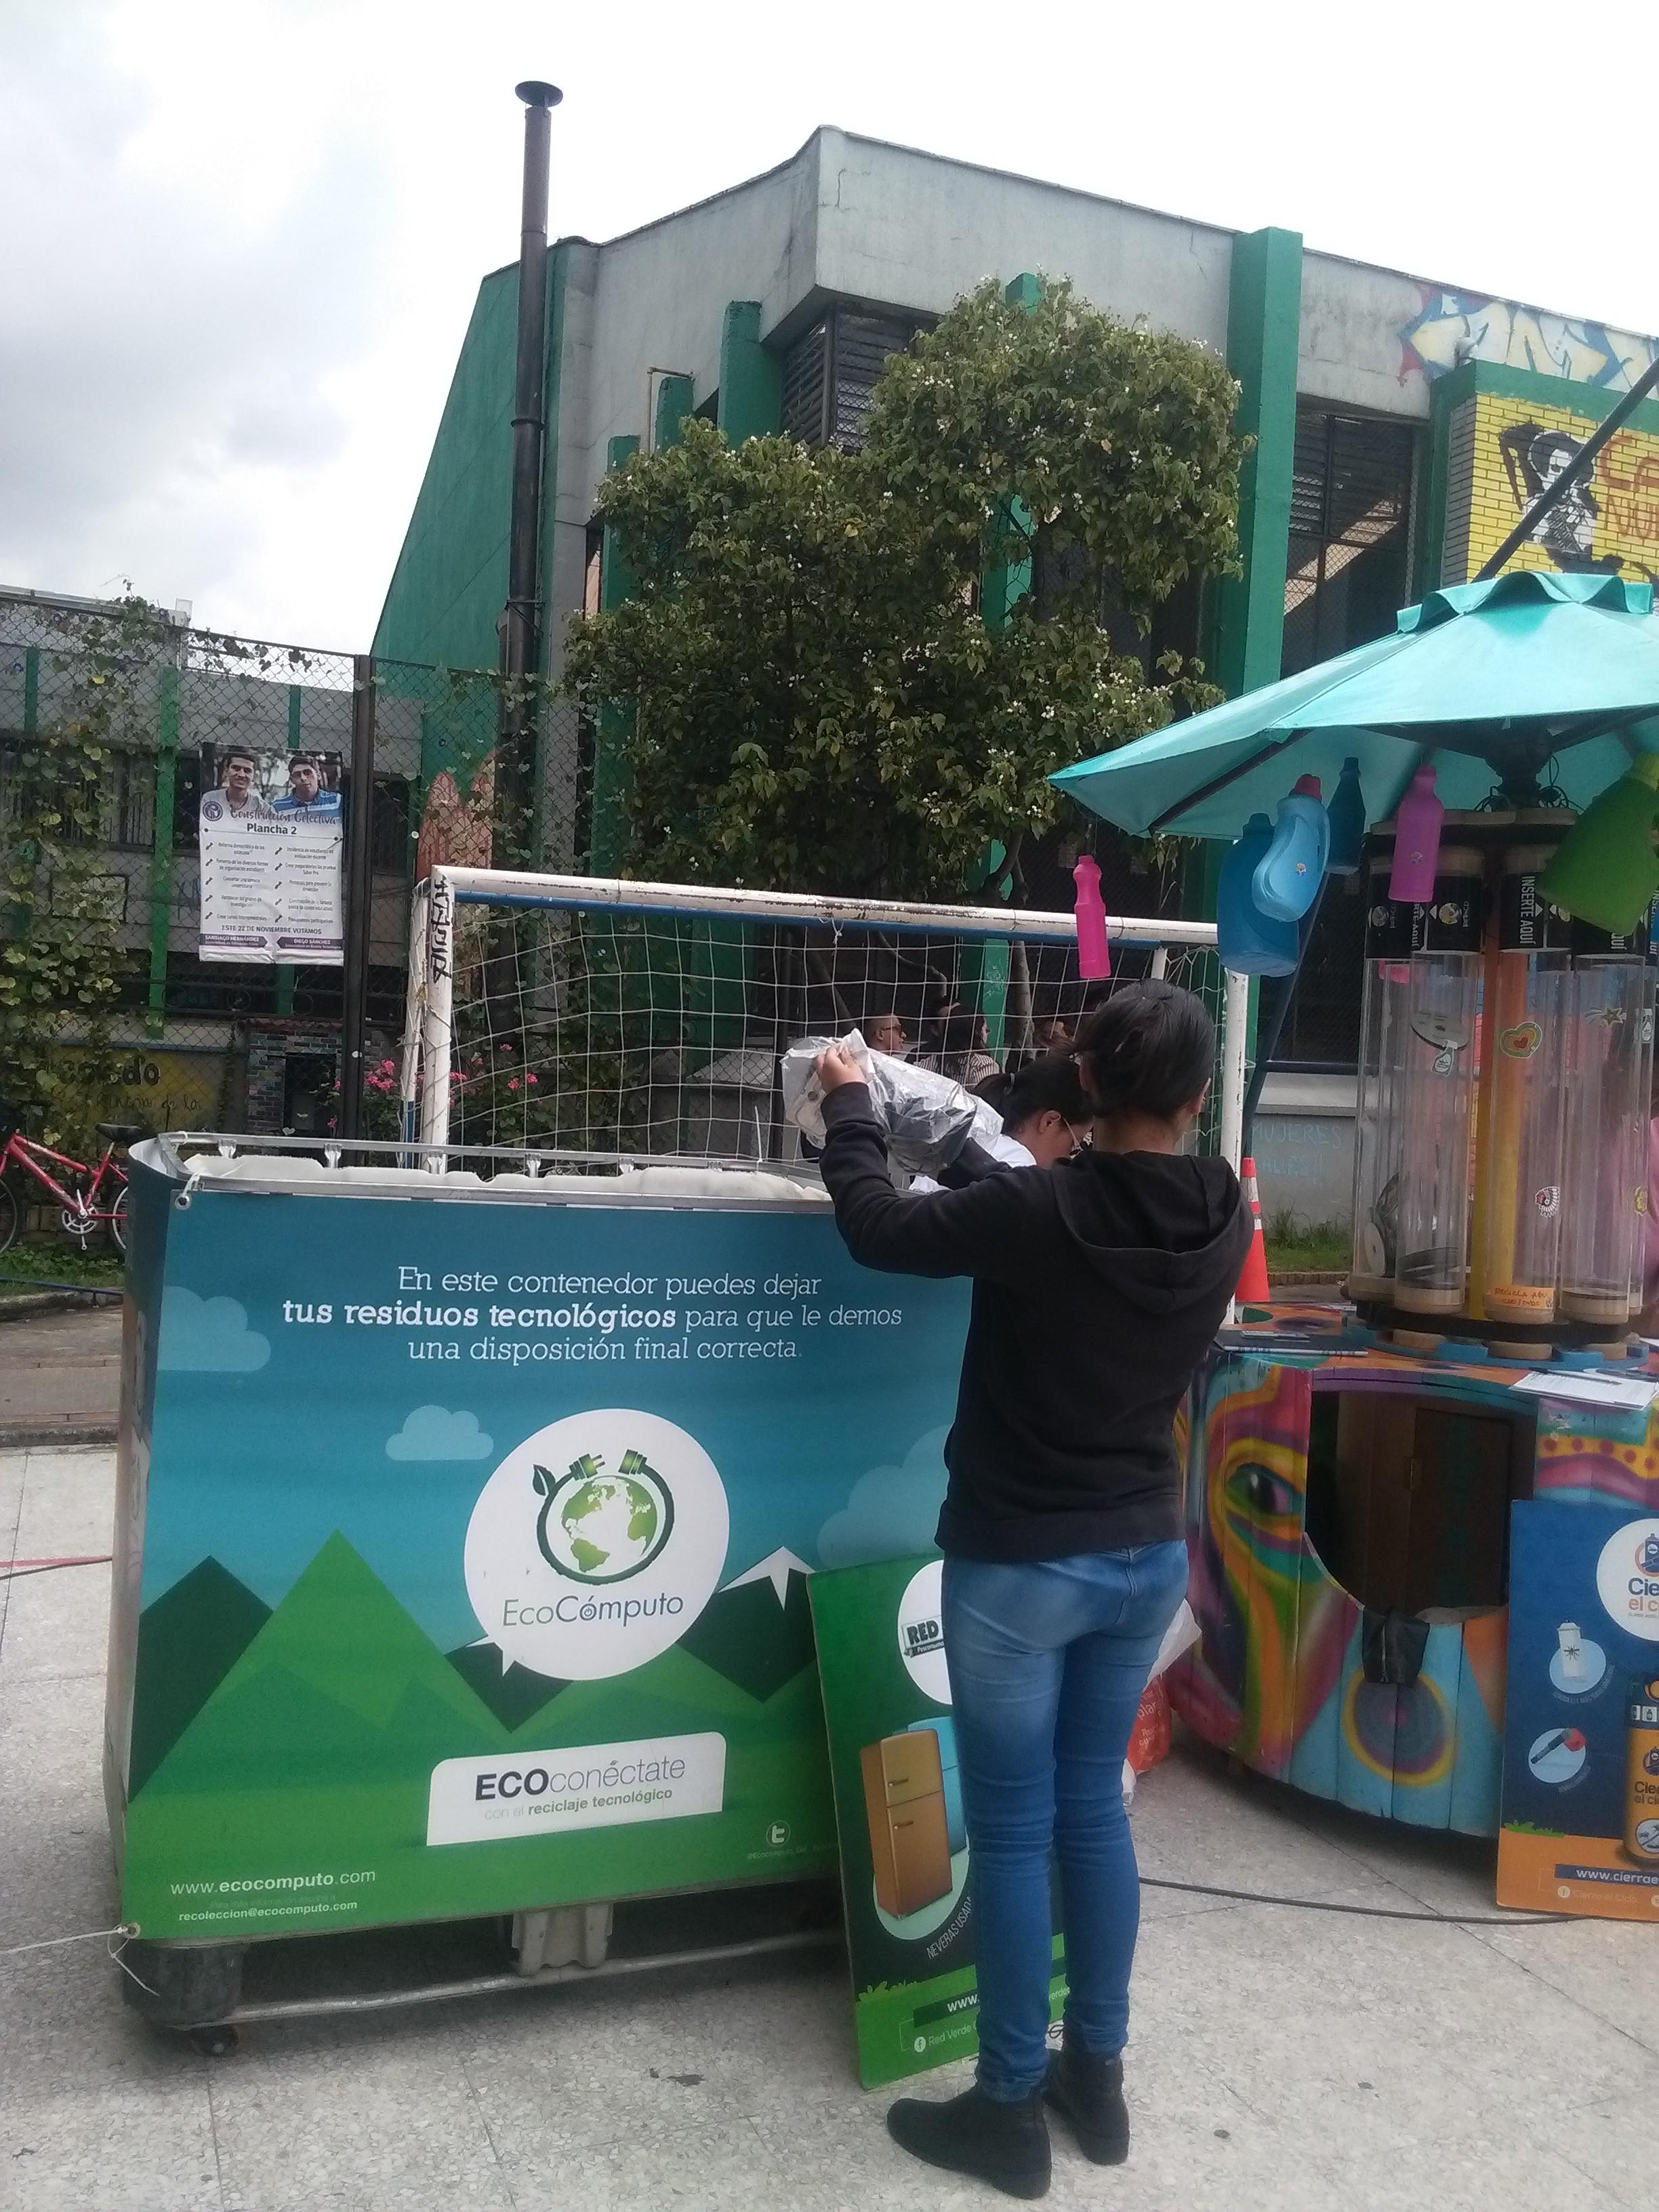 Fotografía de estudiante depositando residuos de aparatos eléctricos y electronicos dentro de Ecopunto